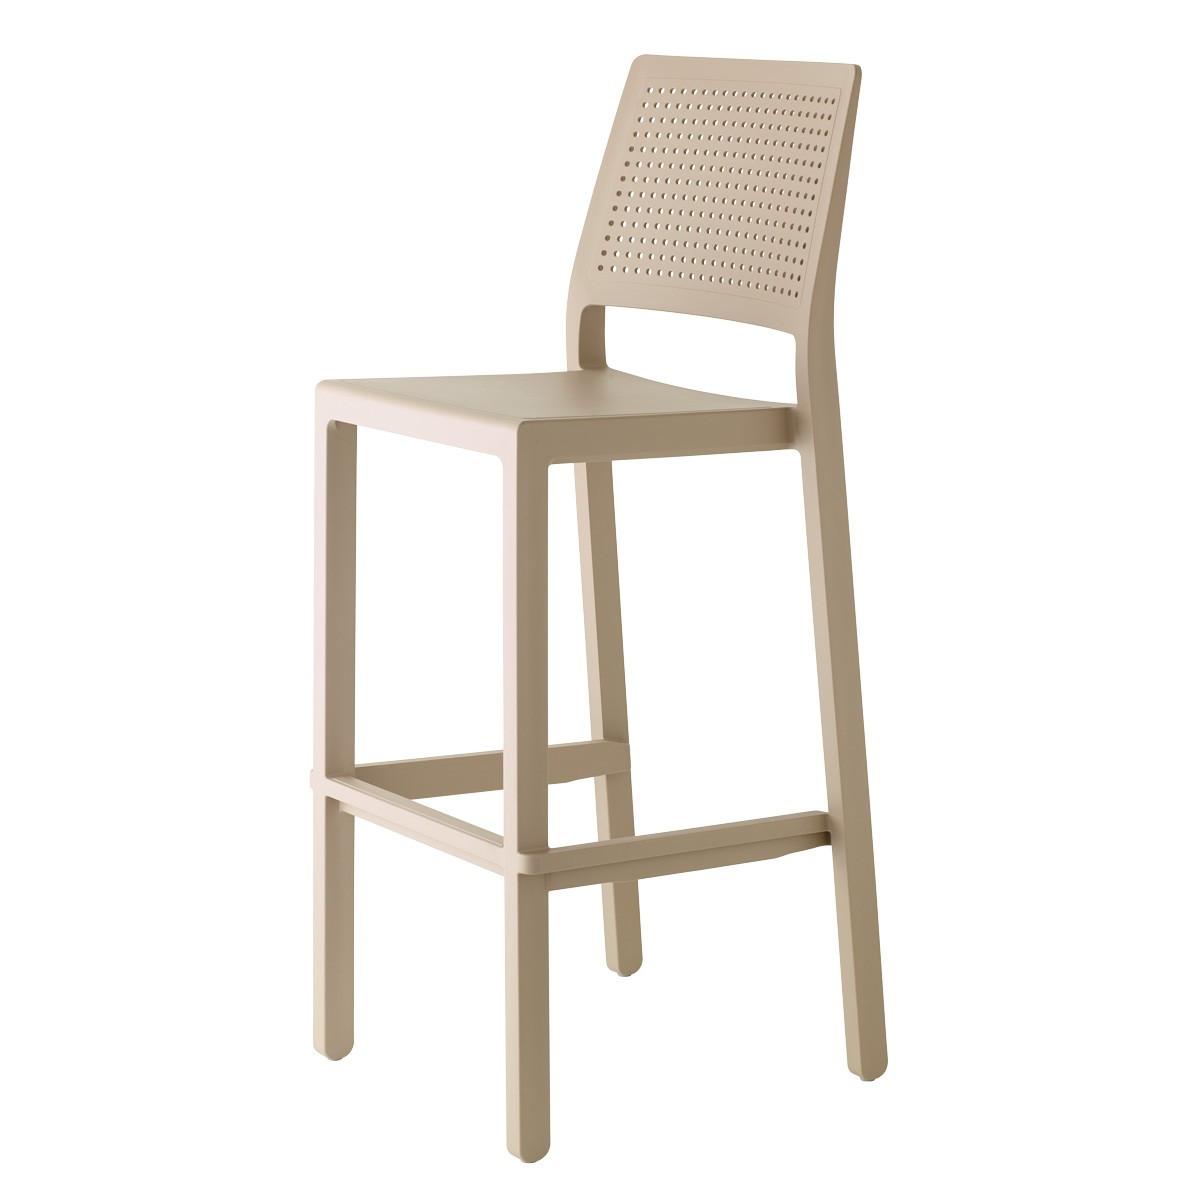 Барний стілець Emi SCAB h75/65 см tortora